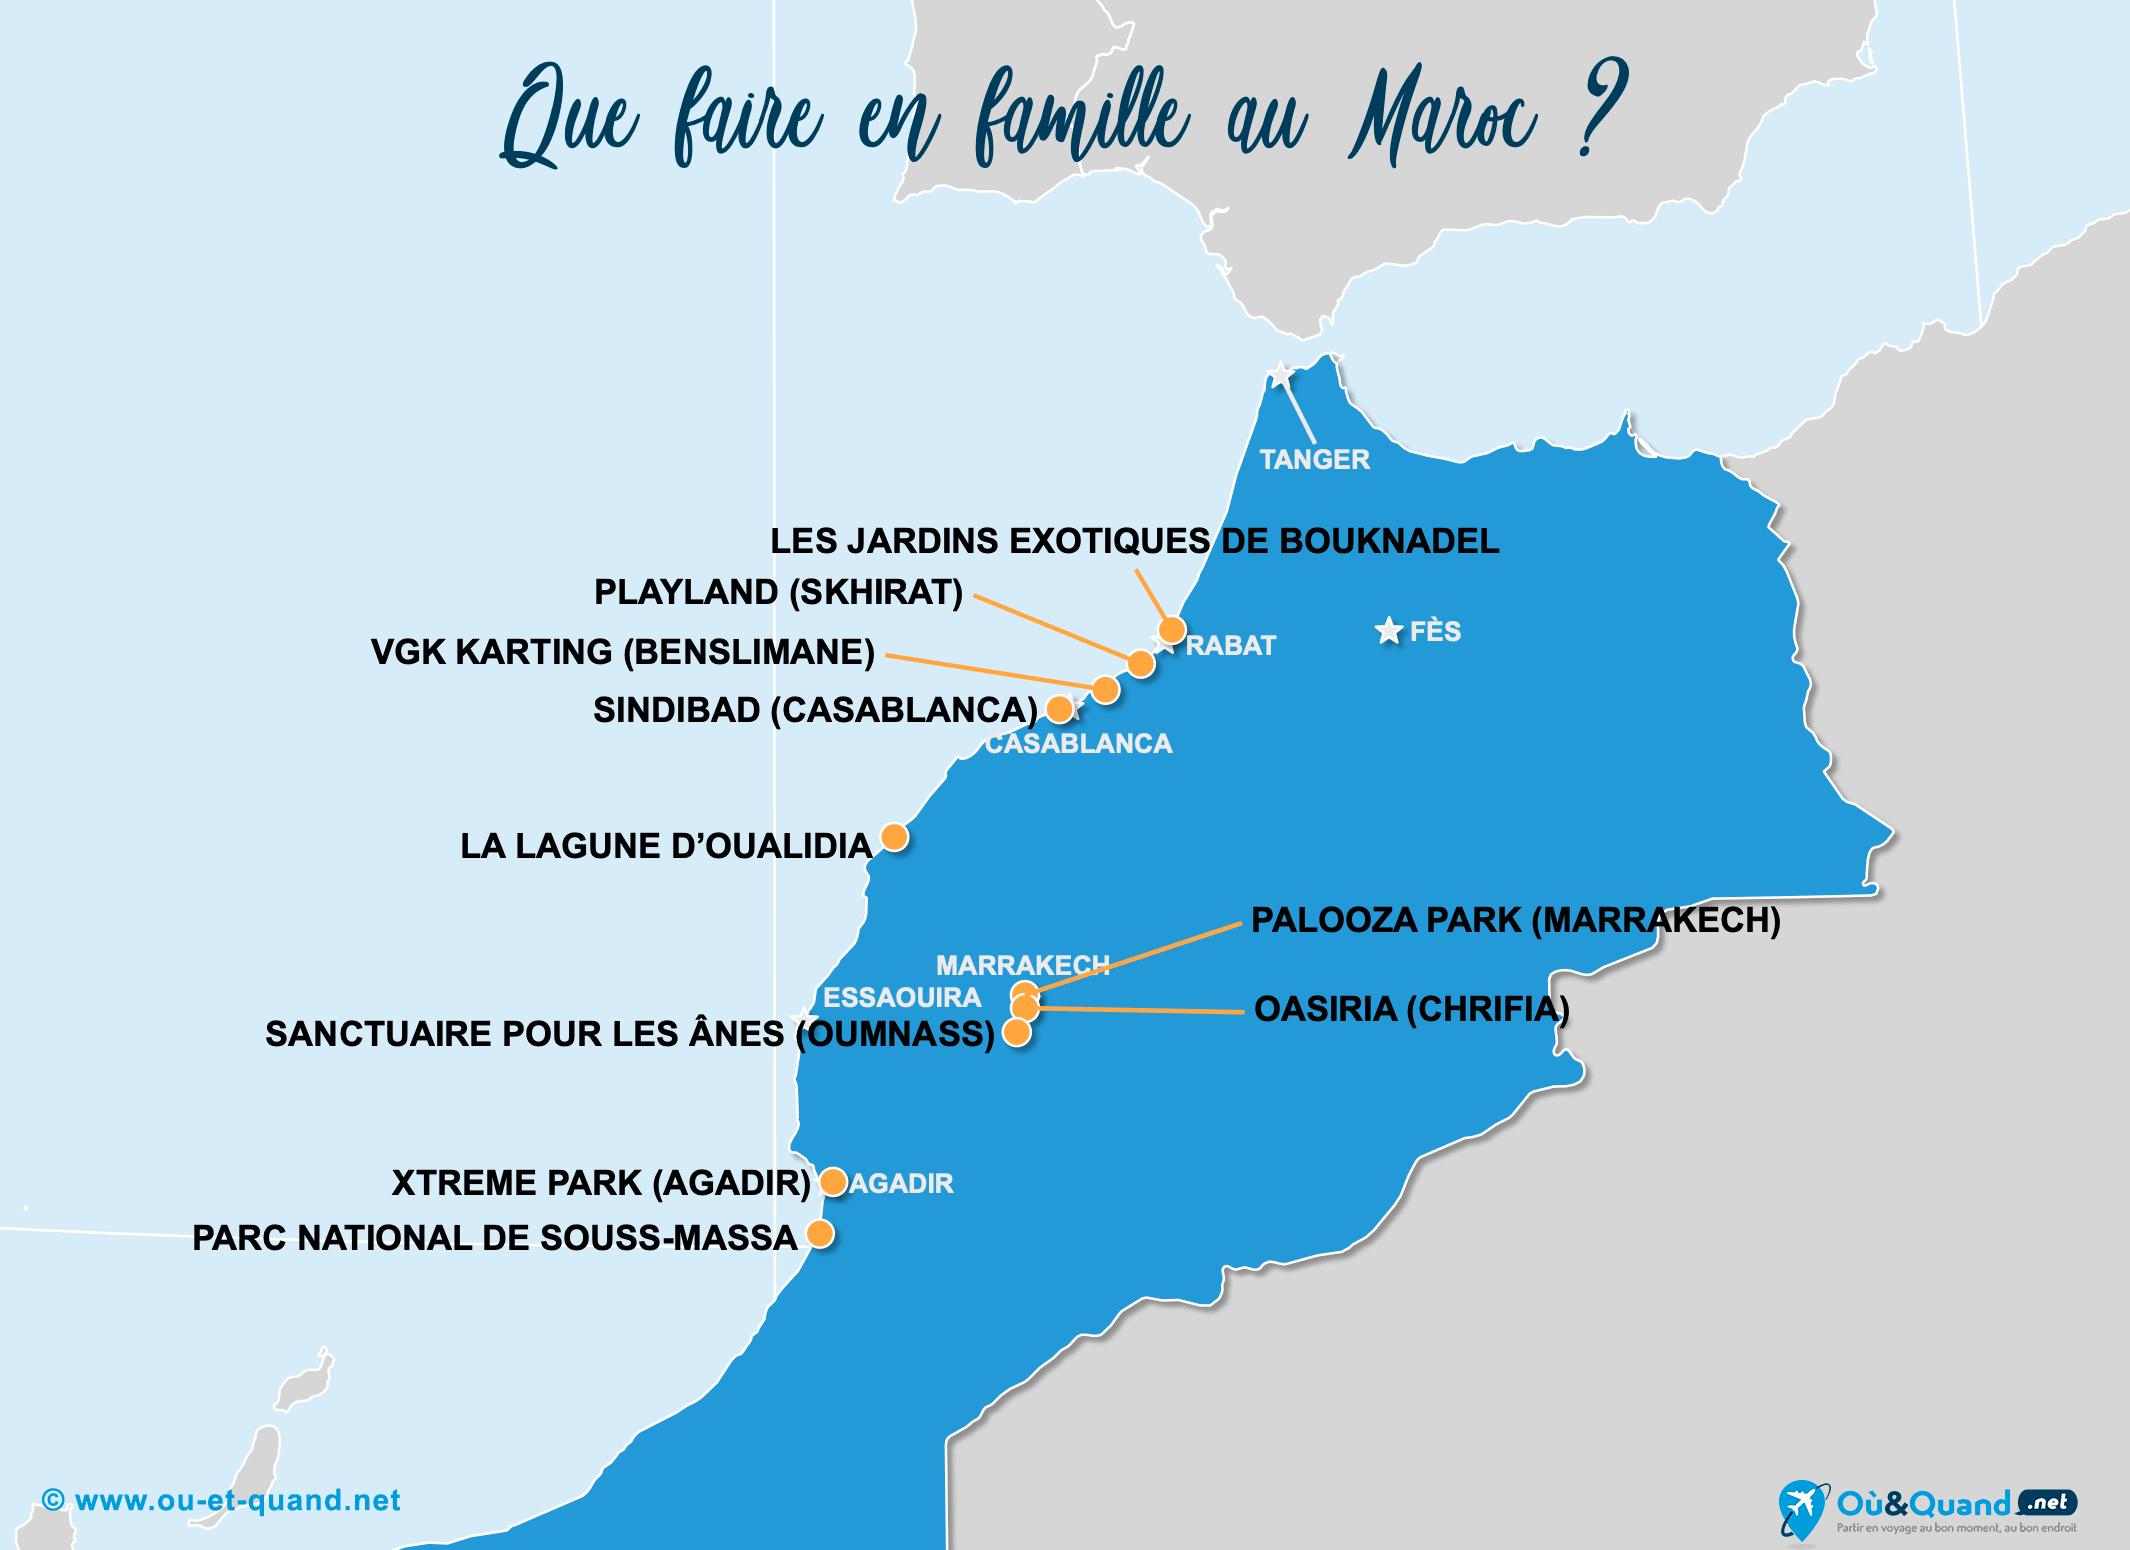 Carte Maroc : Le Maroc en famille